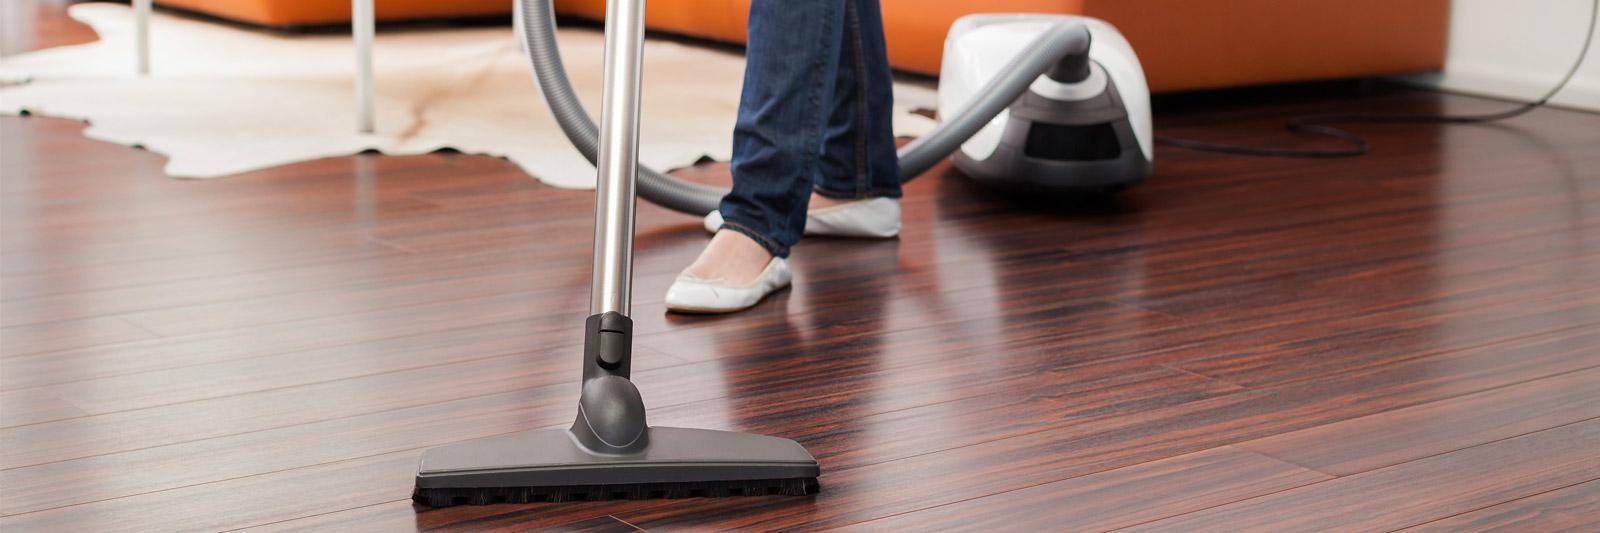 Wood floor cleaning services hardwood floor cleaning for Floor cleaning services